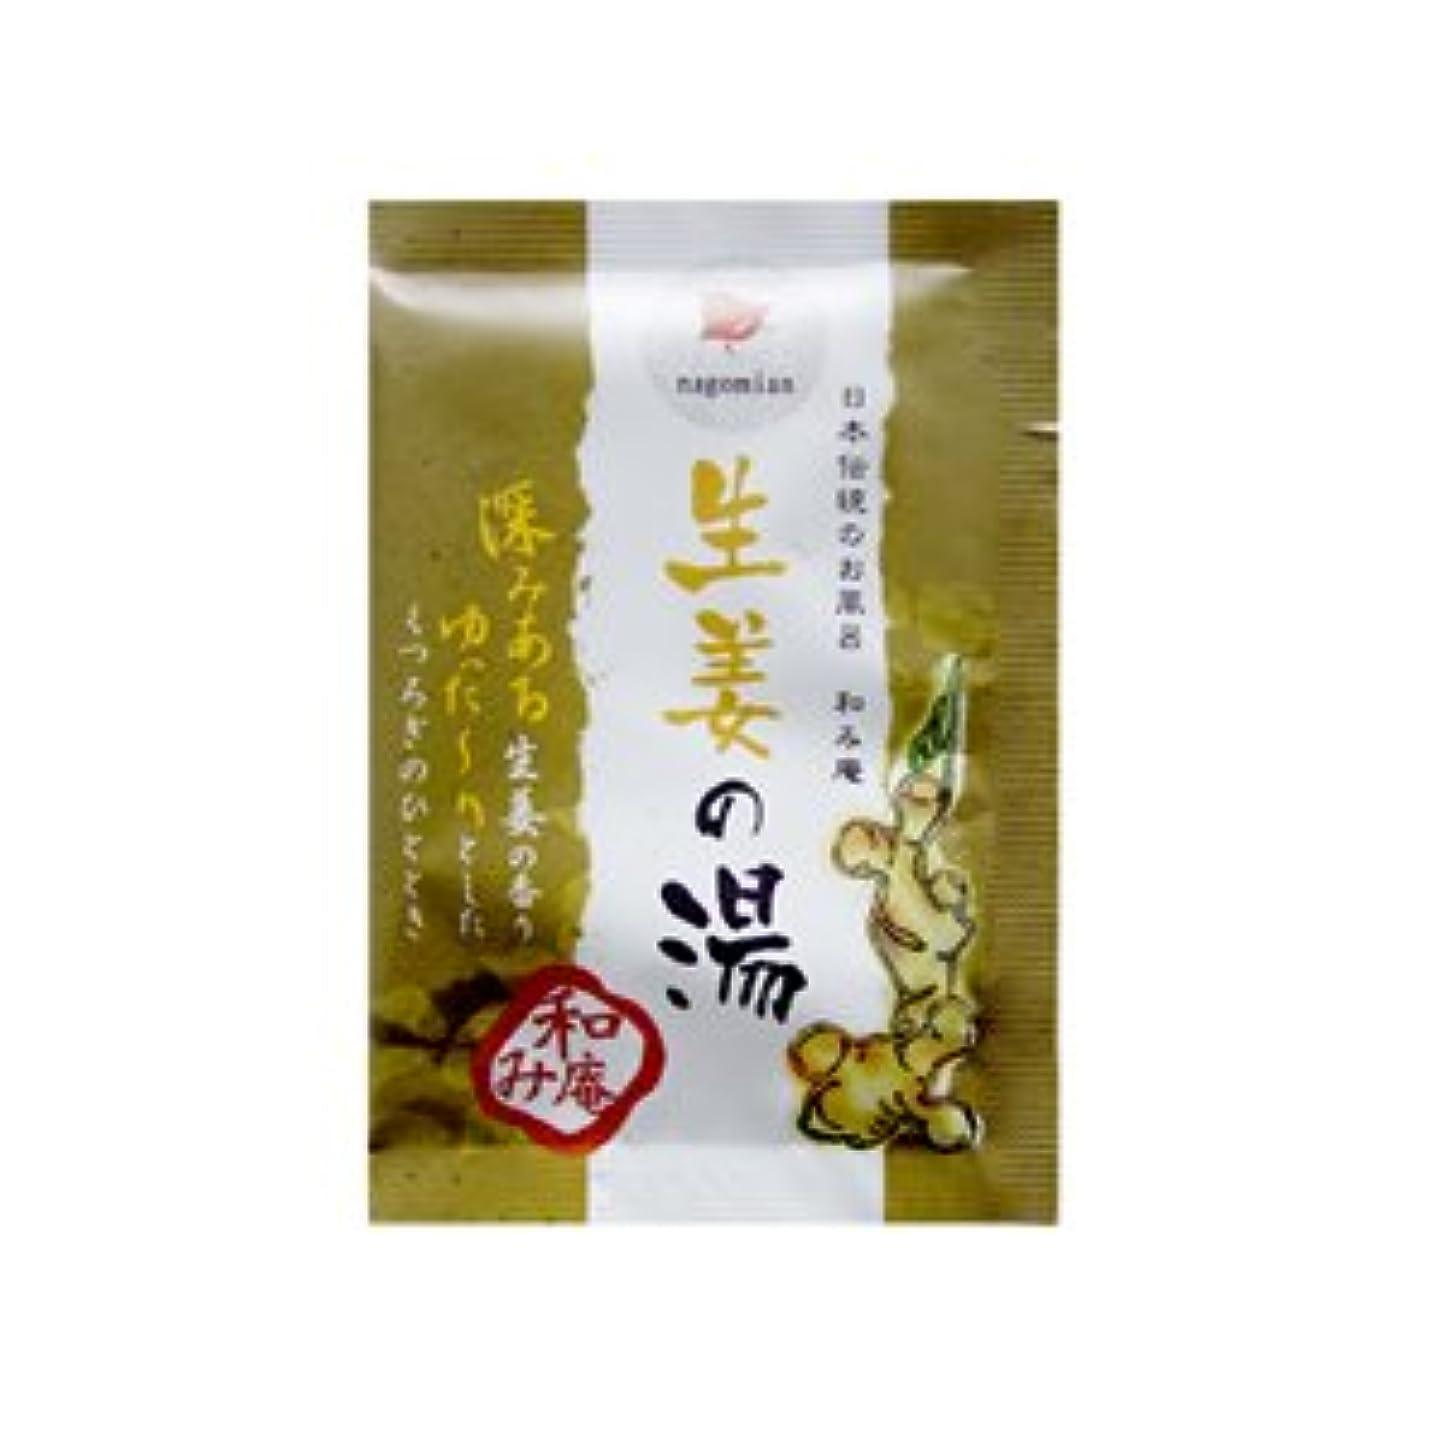 ホバーマーケティング不器用日本伝統のお風呂 和み庵 生姜の湯 25g 5個セット